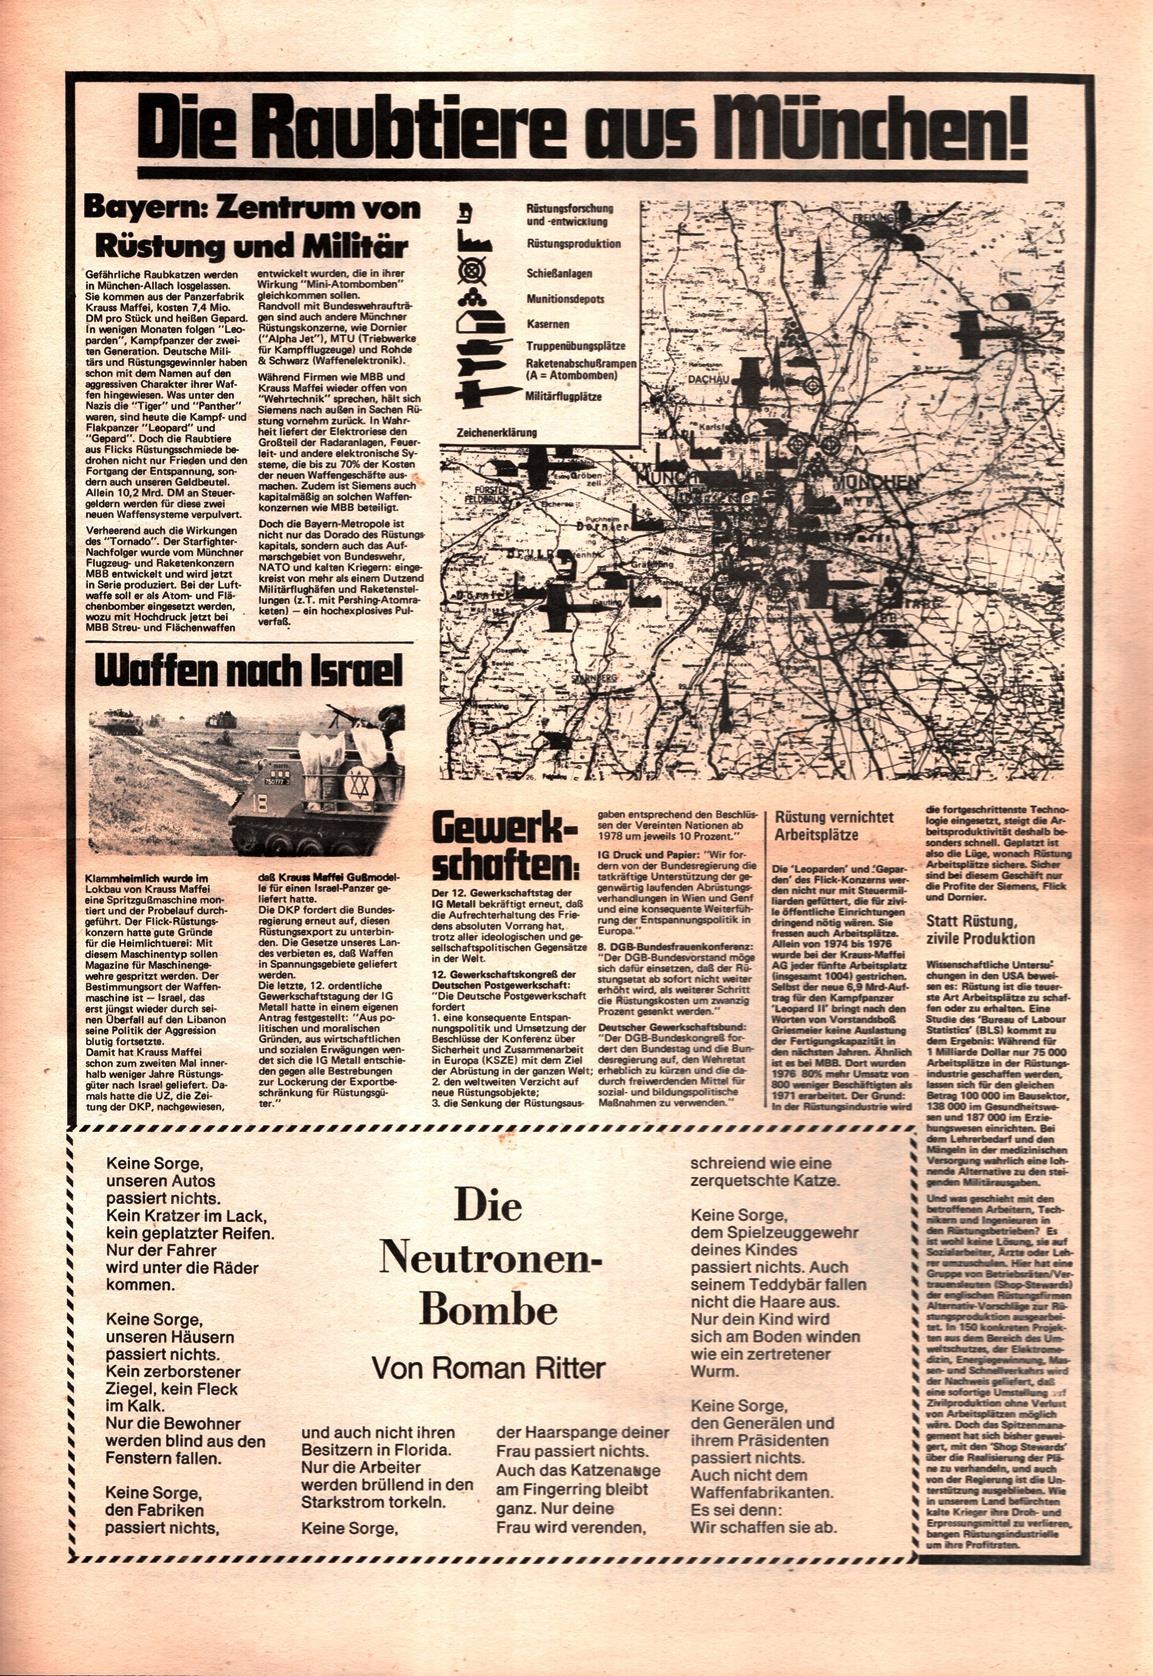 Muenchen_DKP_Neues_Muenchen_19780500_004_003